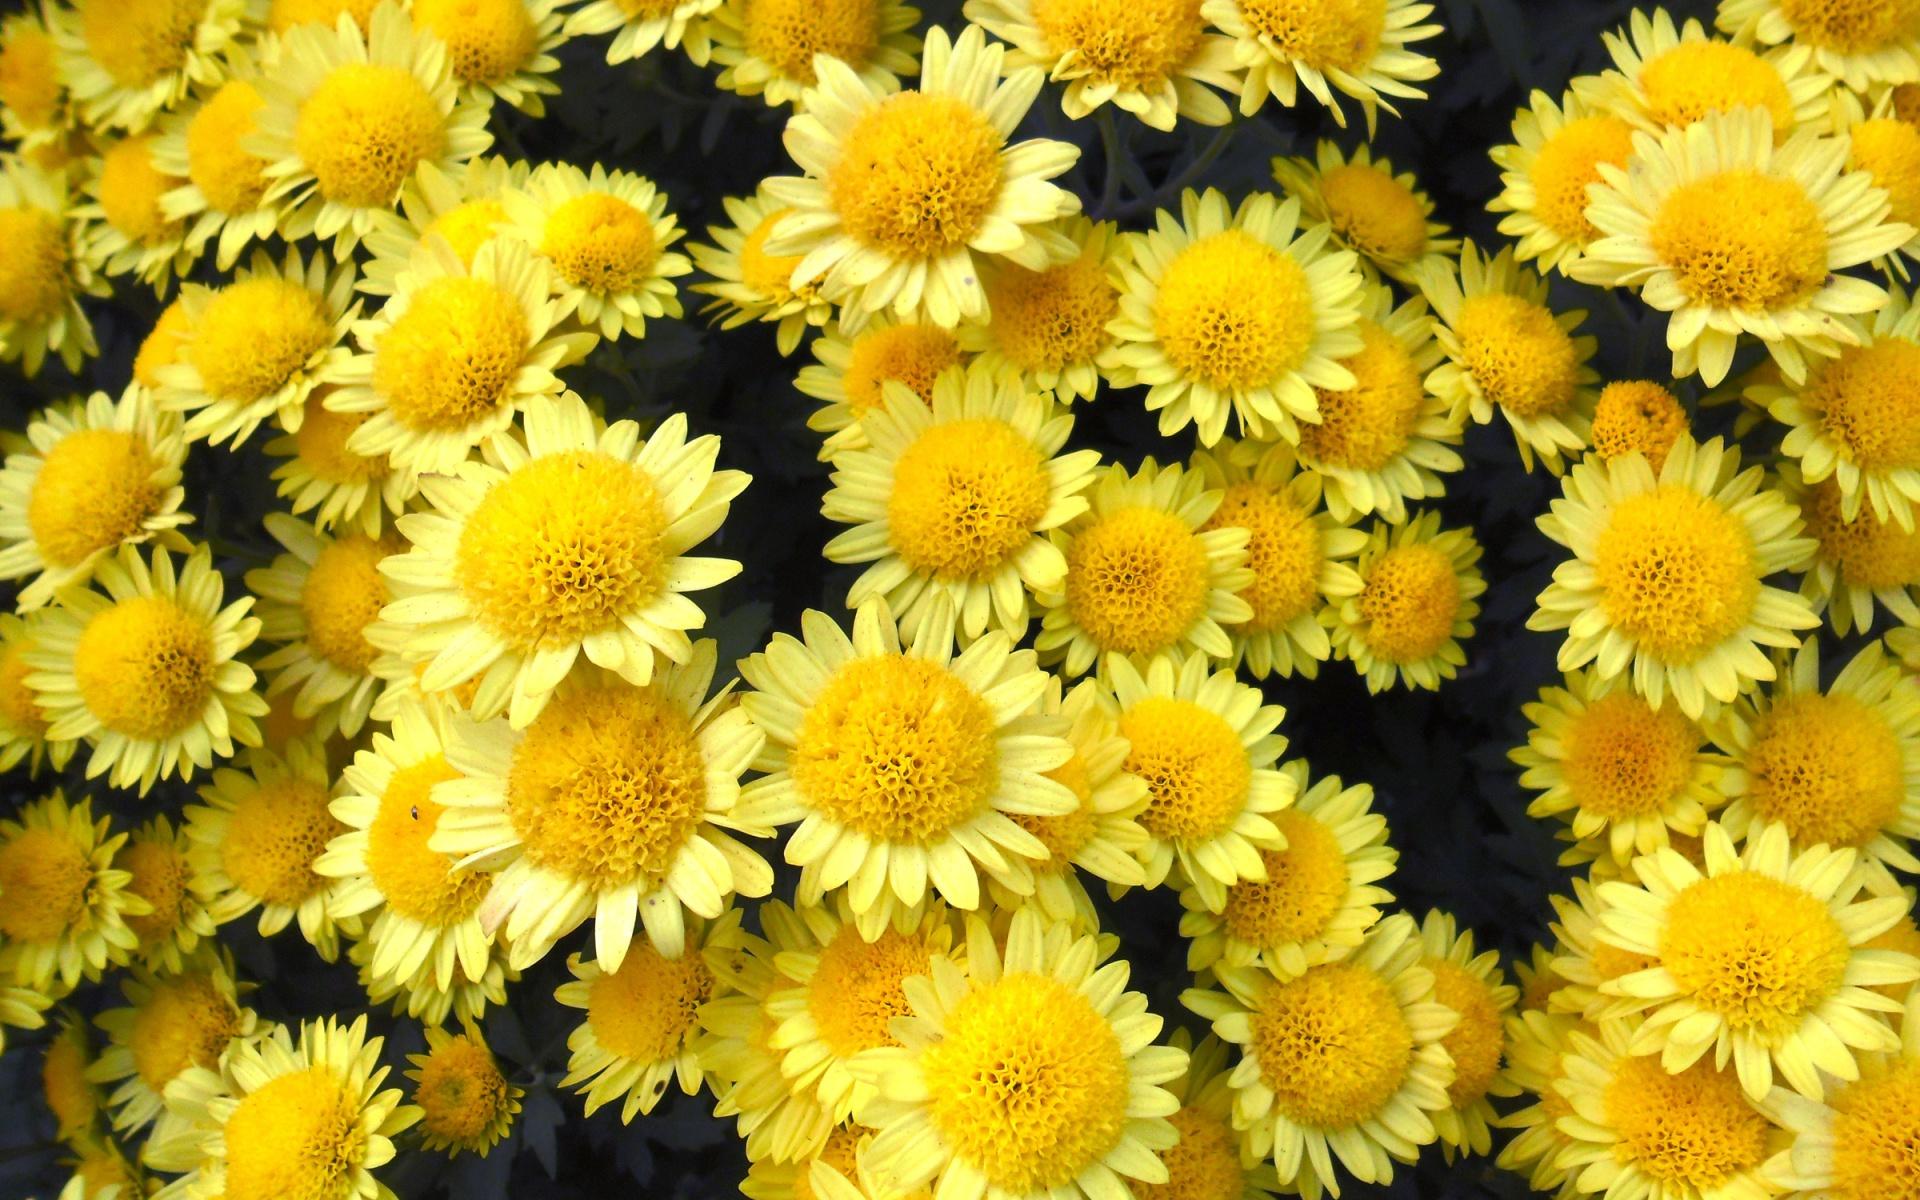 обои на телефон хризантемы желтые фортуна